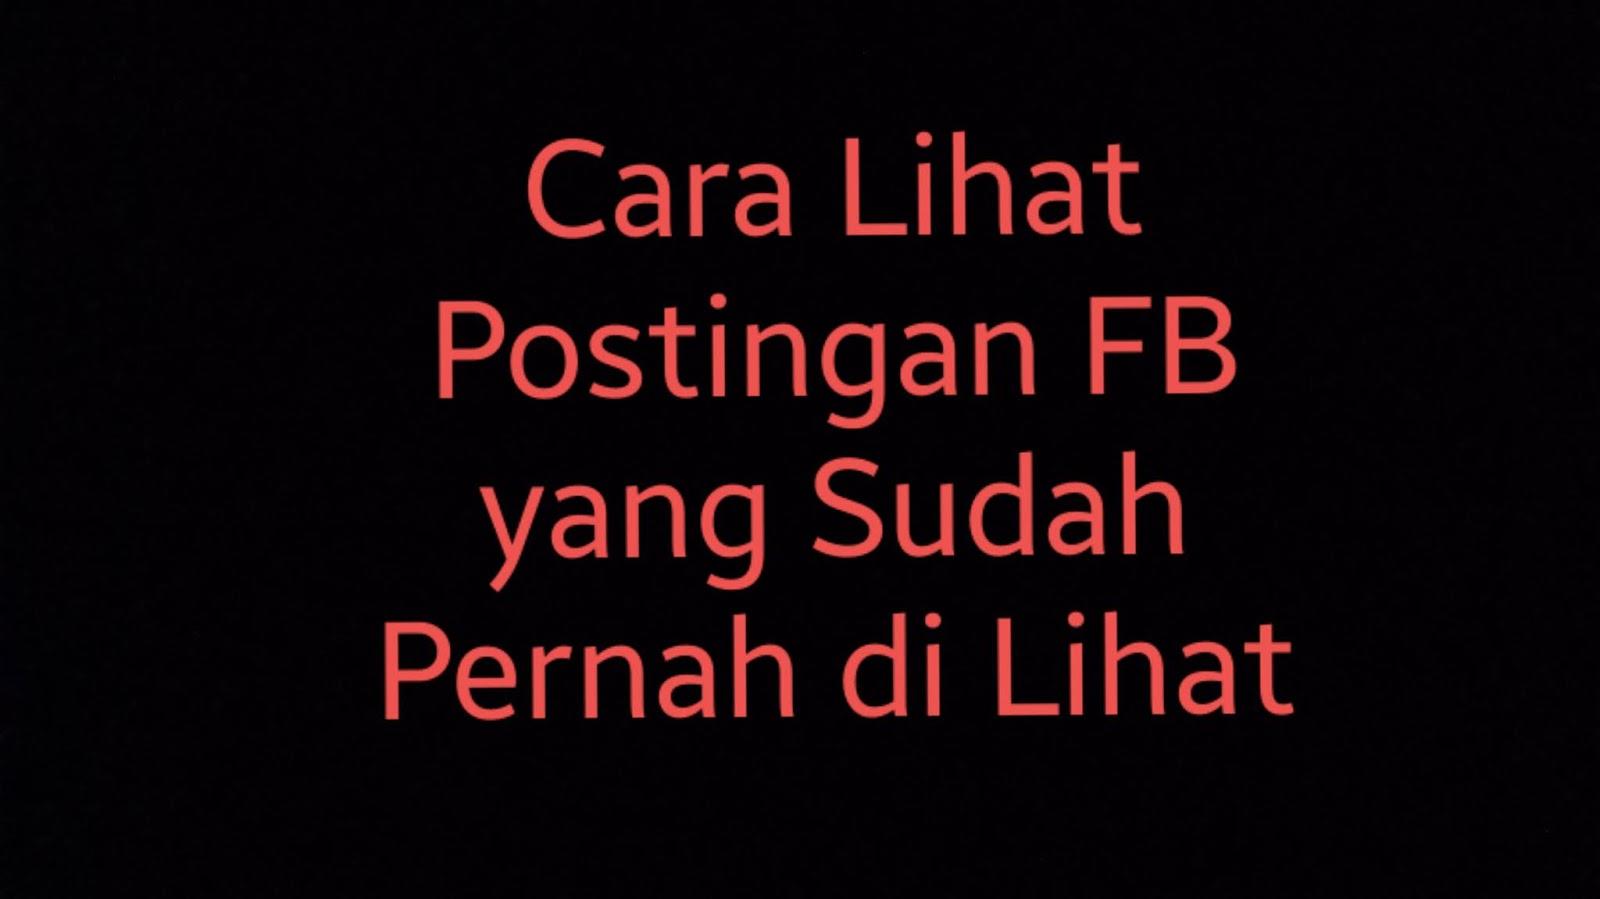 Cara lihat postingan FB yang sudah pernah dilihat